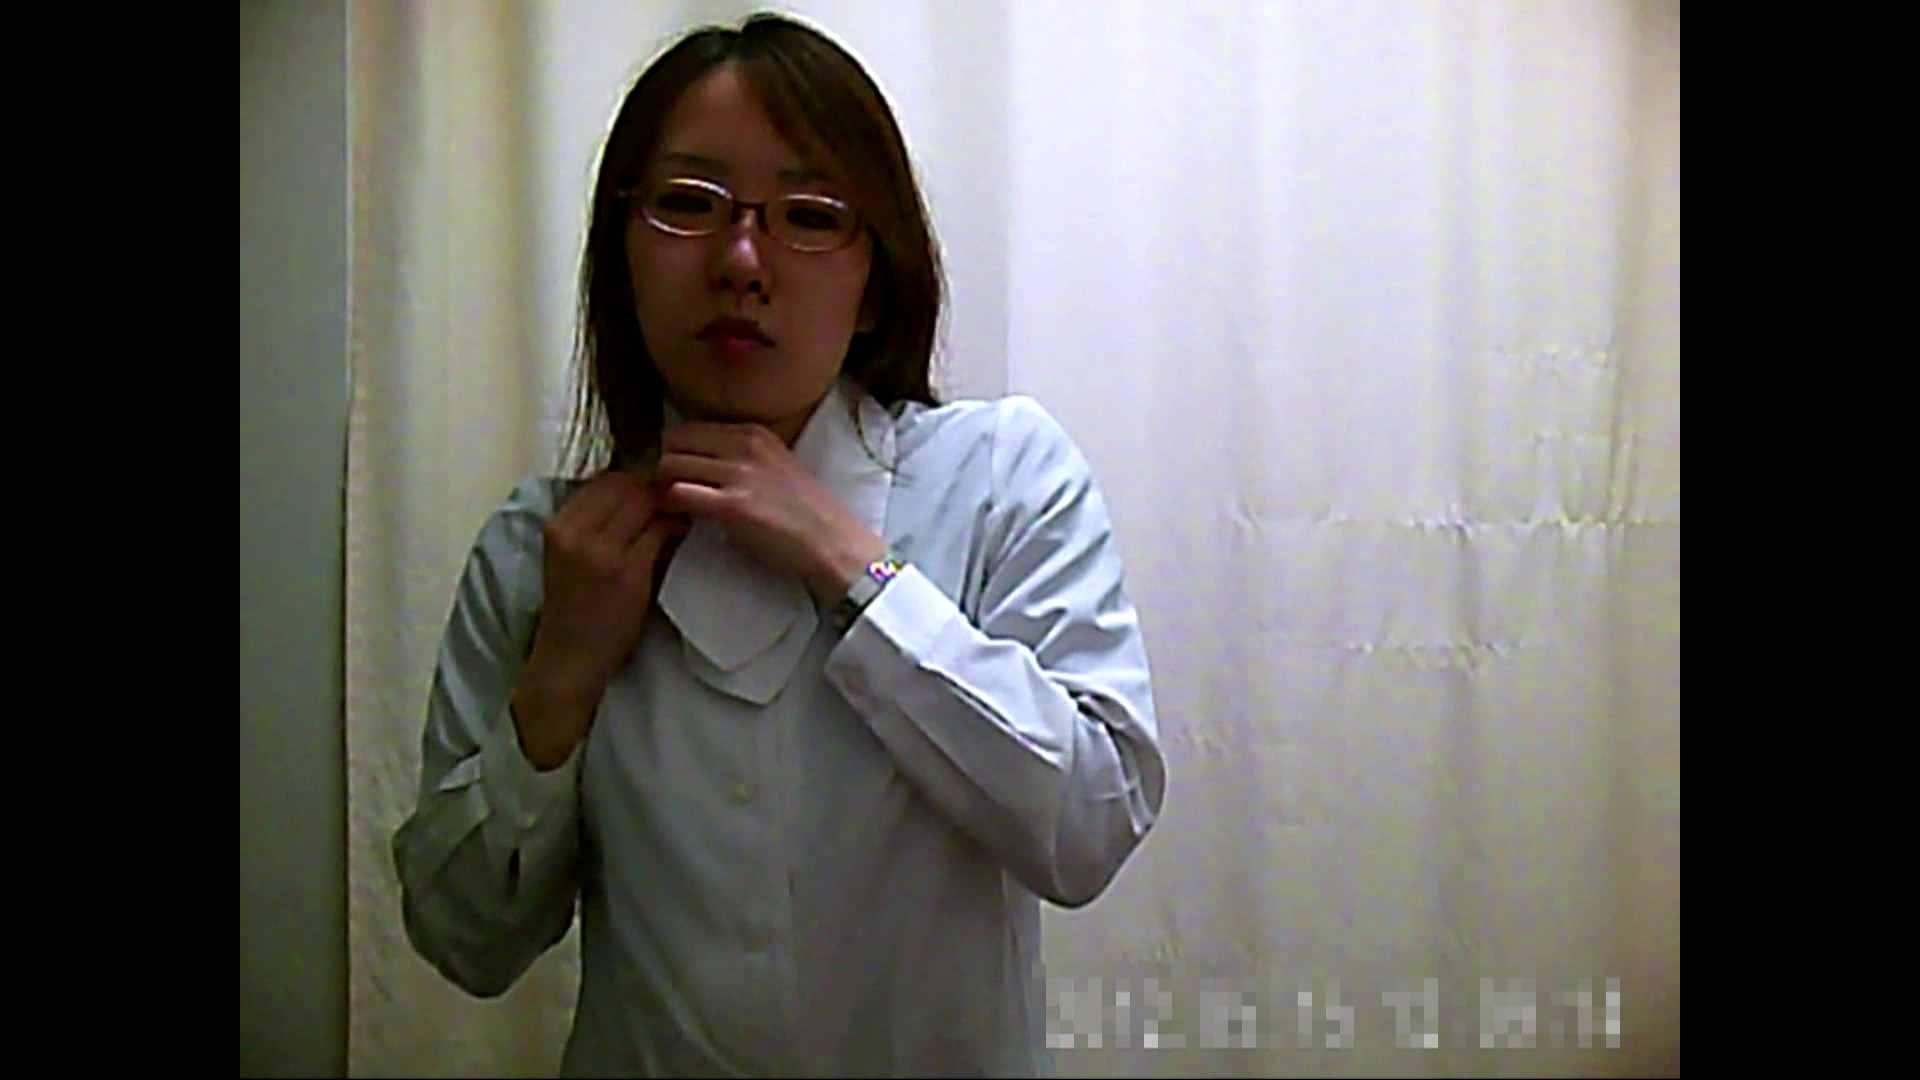 元医者による反抗 更衣室地獄絵巻 vol.005 OL  105pic 68